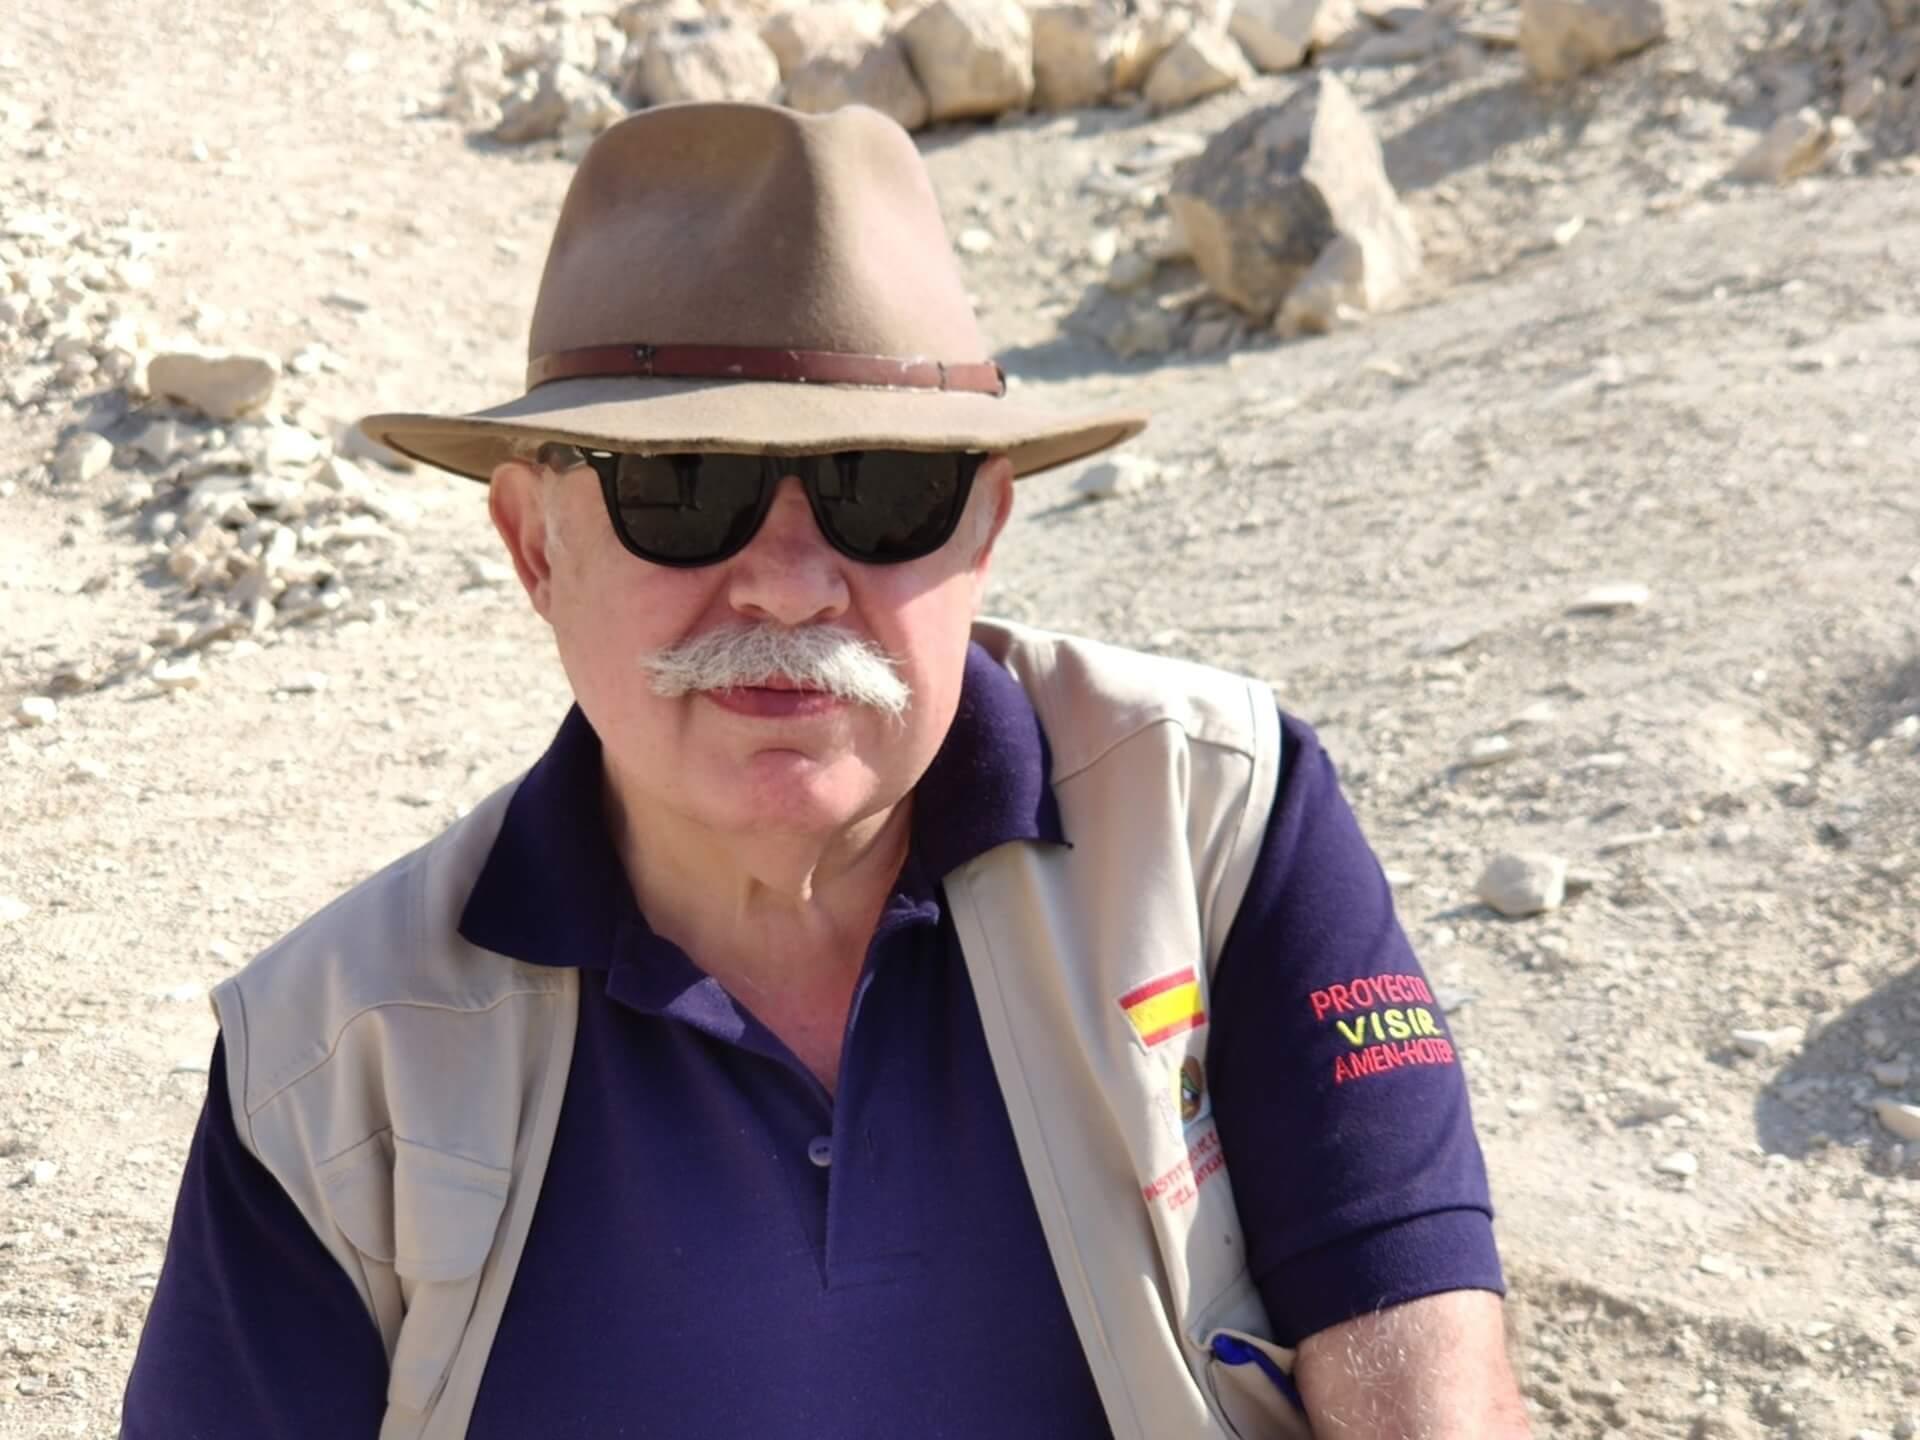 Francisco J. Martín Valentín Instituto de Estudios del Antiguo Egipto Misión Arqueológica Española Proyecto Visir Amen-Hotep Huy